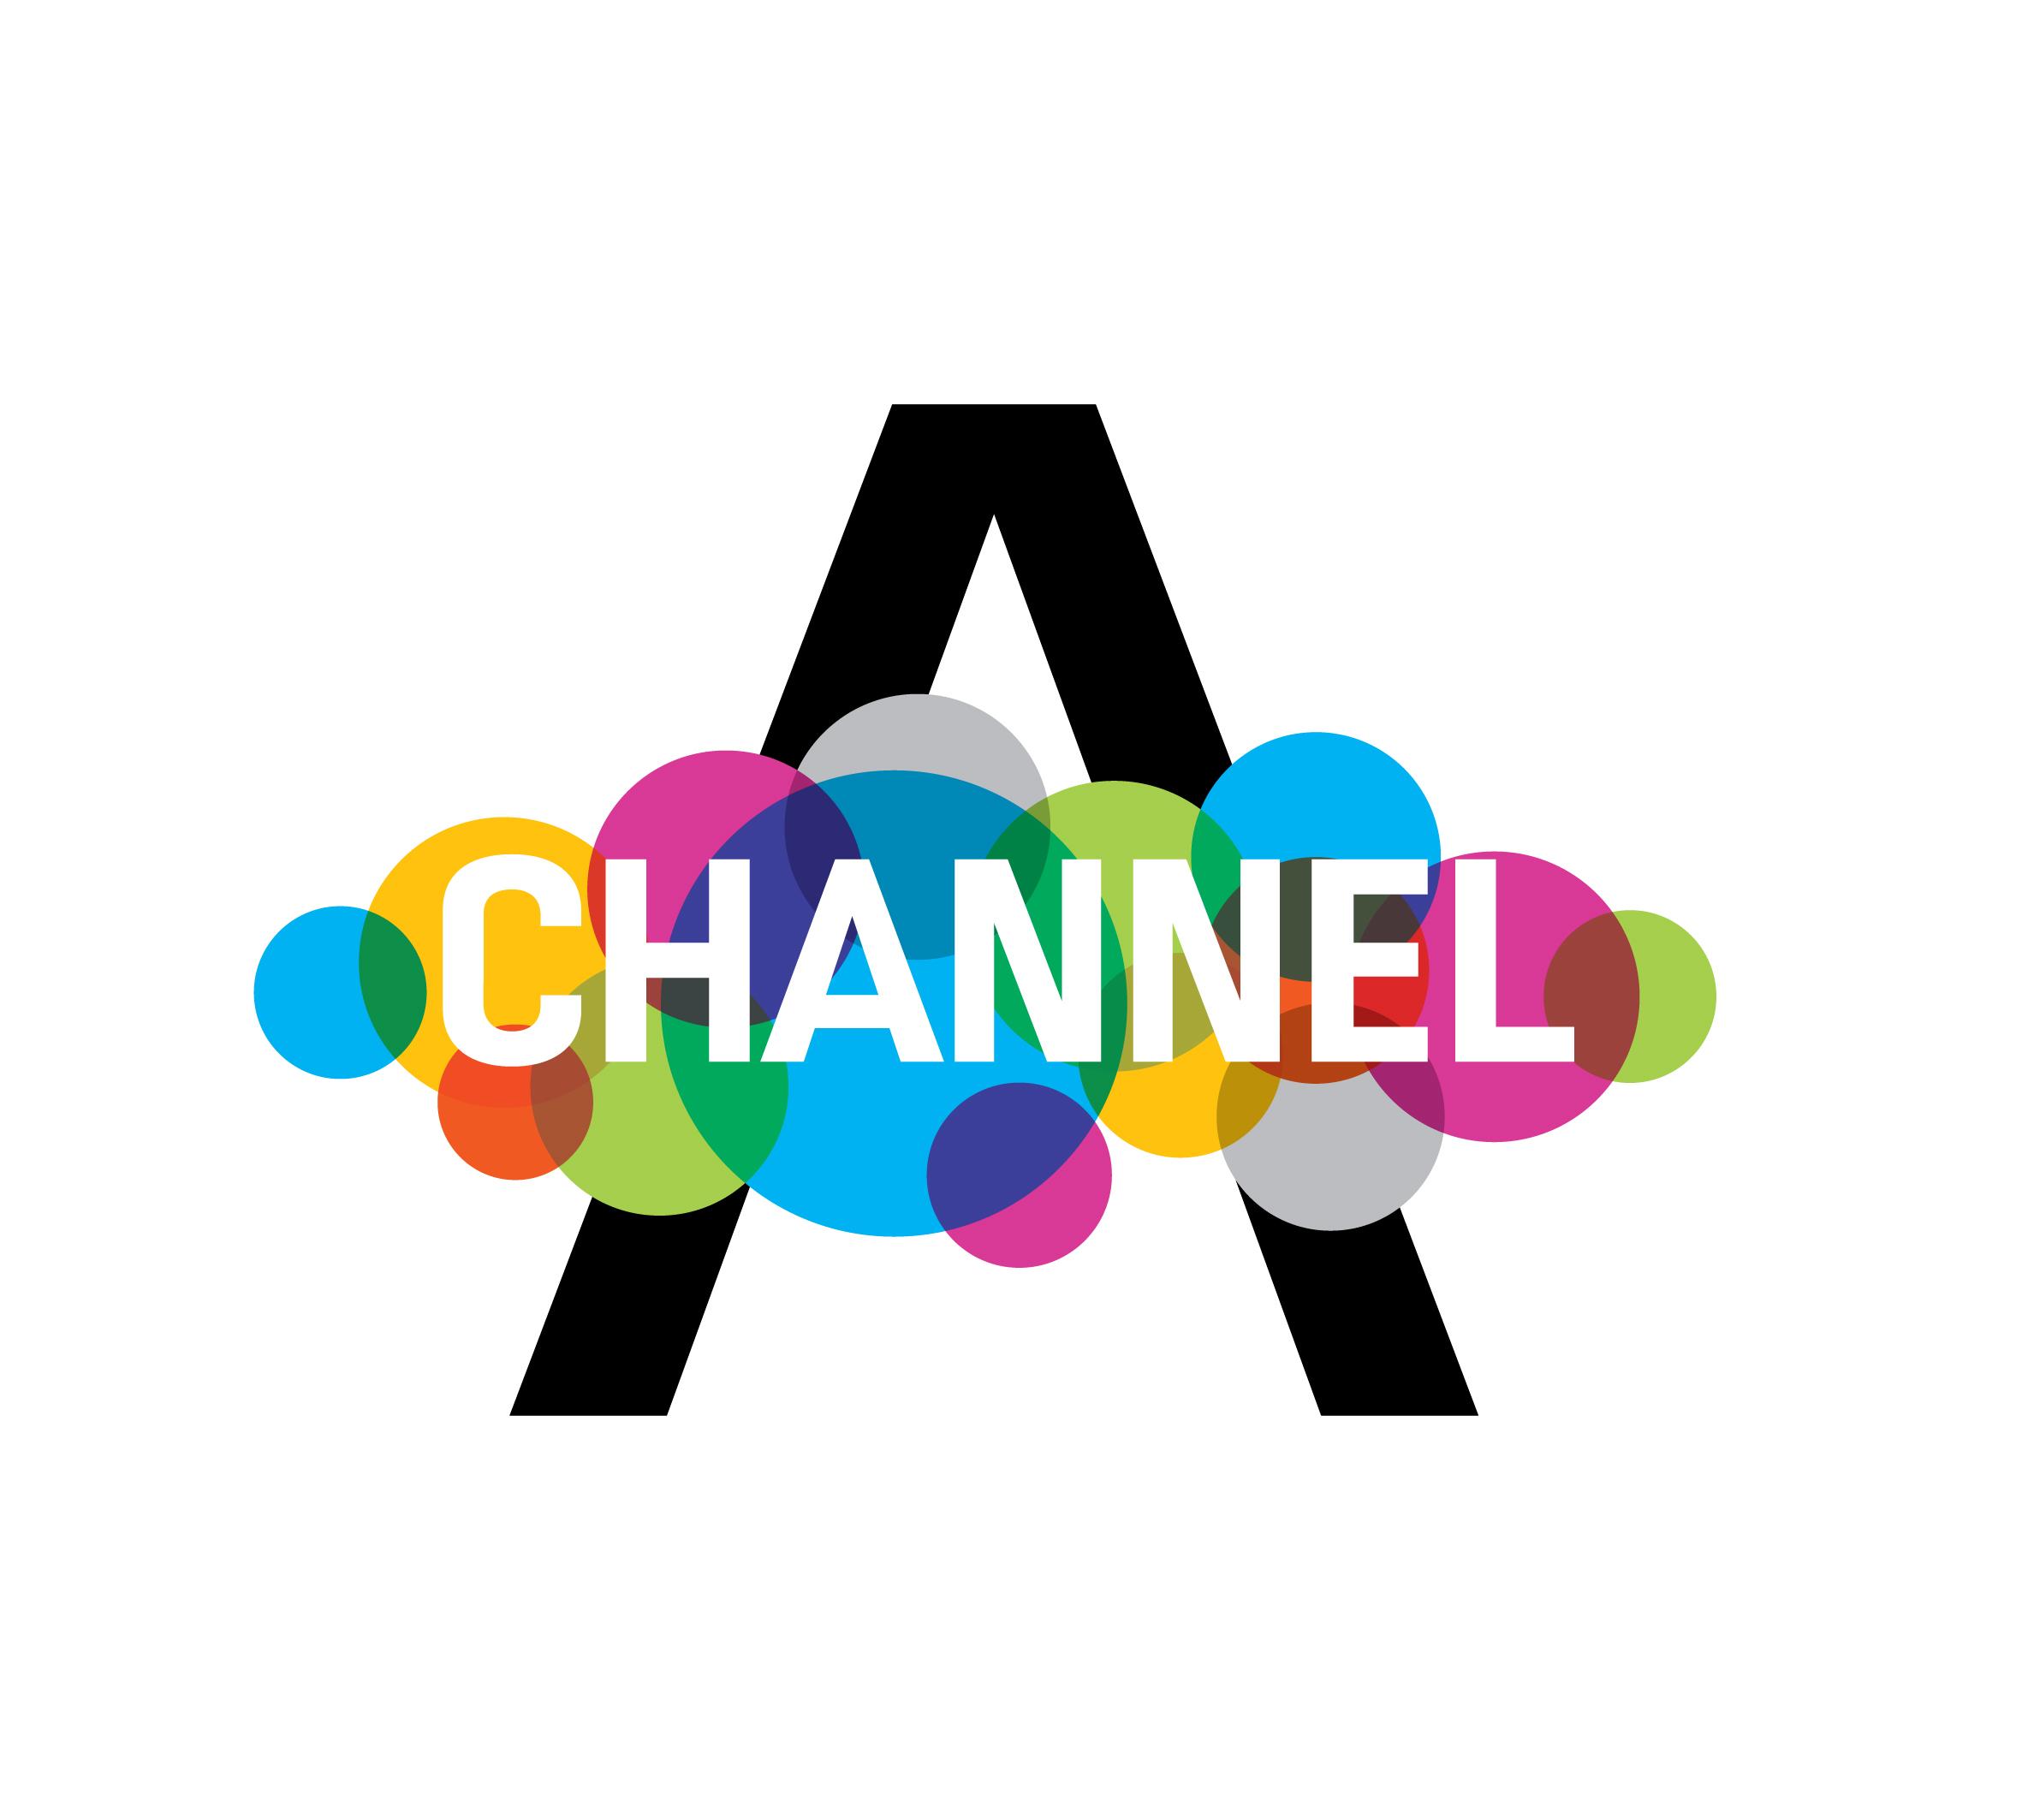 channelA